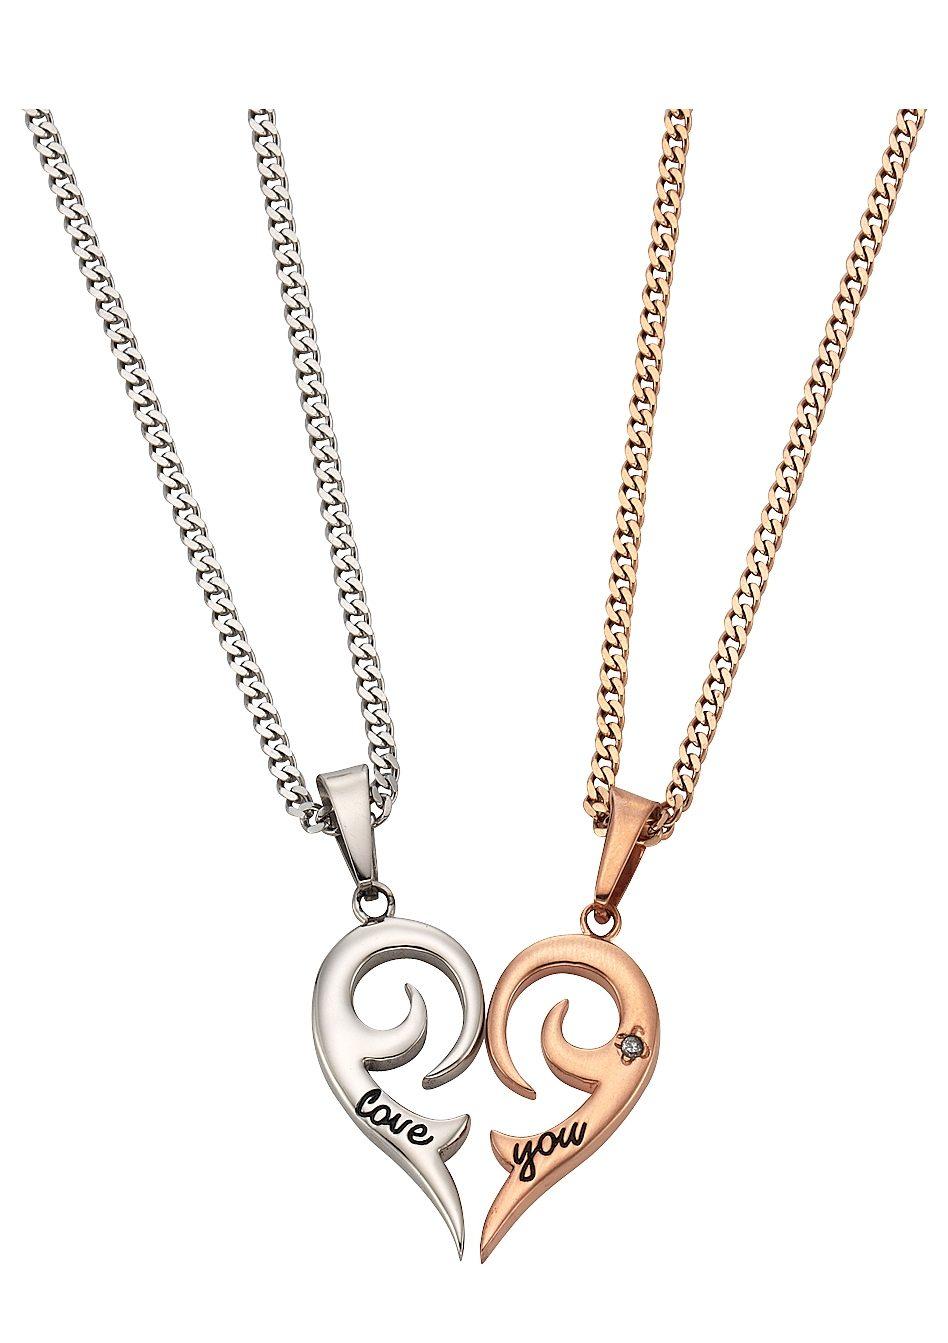 Schmuckset: Partnerschmuck bestehend aus 2 Halsketten und Anhängern »Herz« (Set 4tlg.)